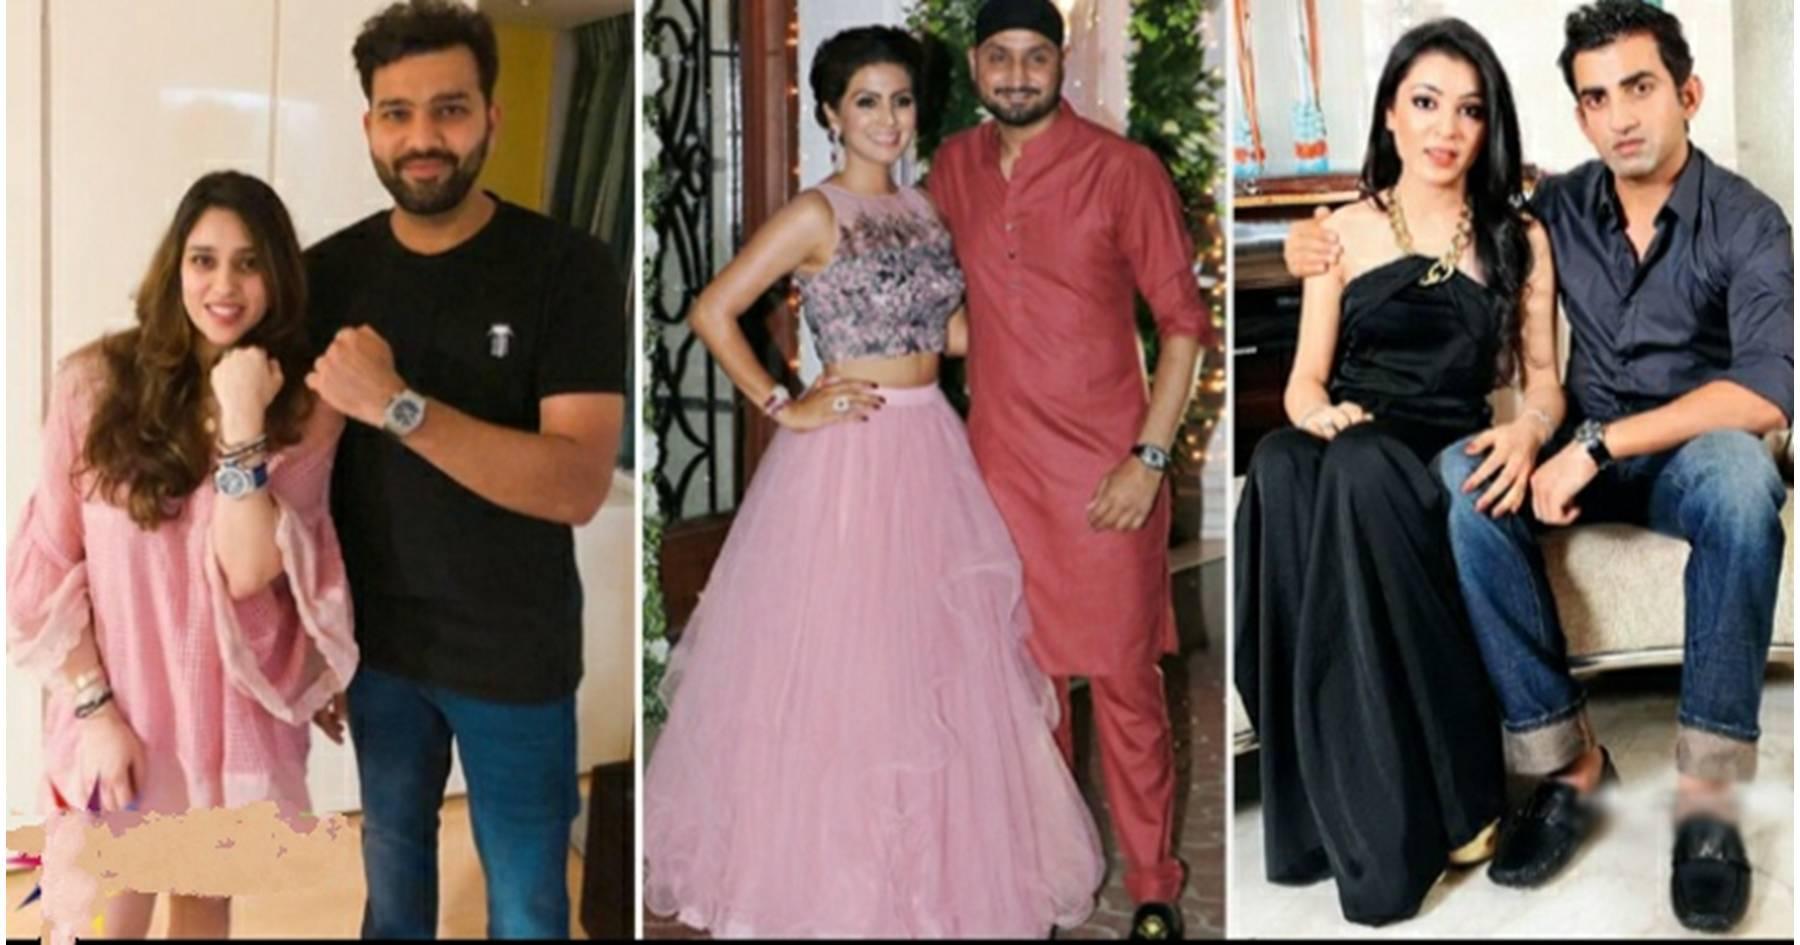 આ 6 ભારતીય ક્રિકેટરોની પત્નીઓ છે ધનવાન અને ખુબસુરત, જુઓ વાયરલ ફોટાઓ…